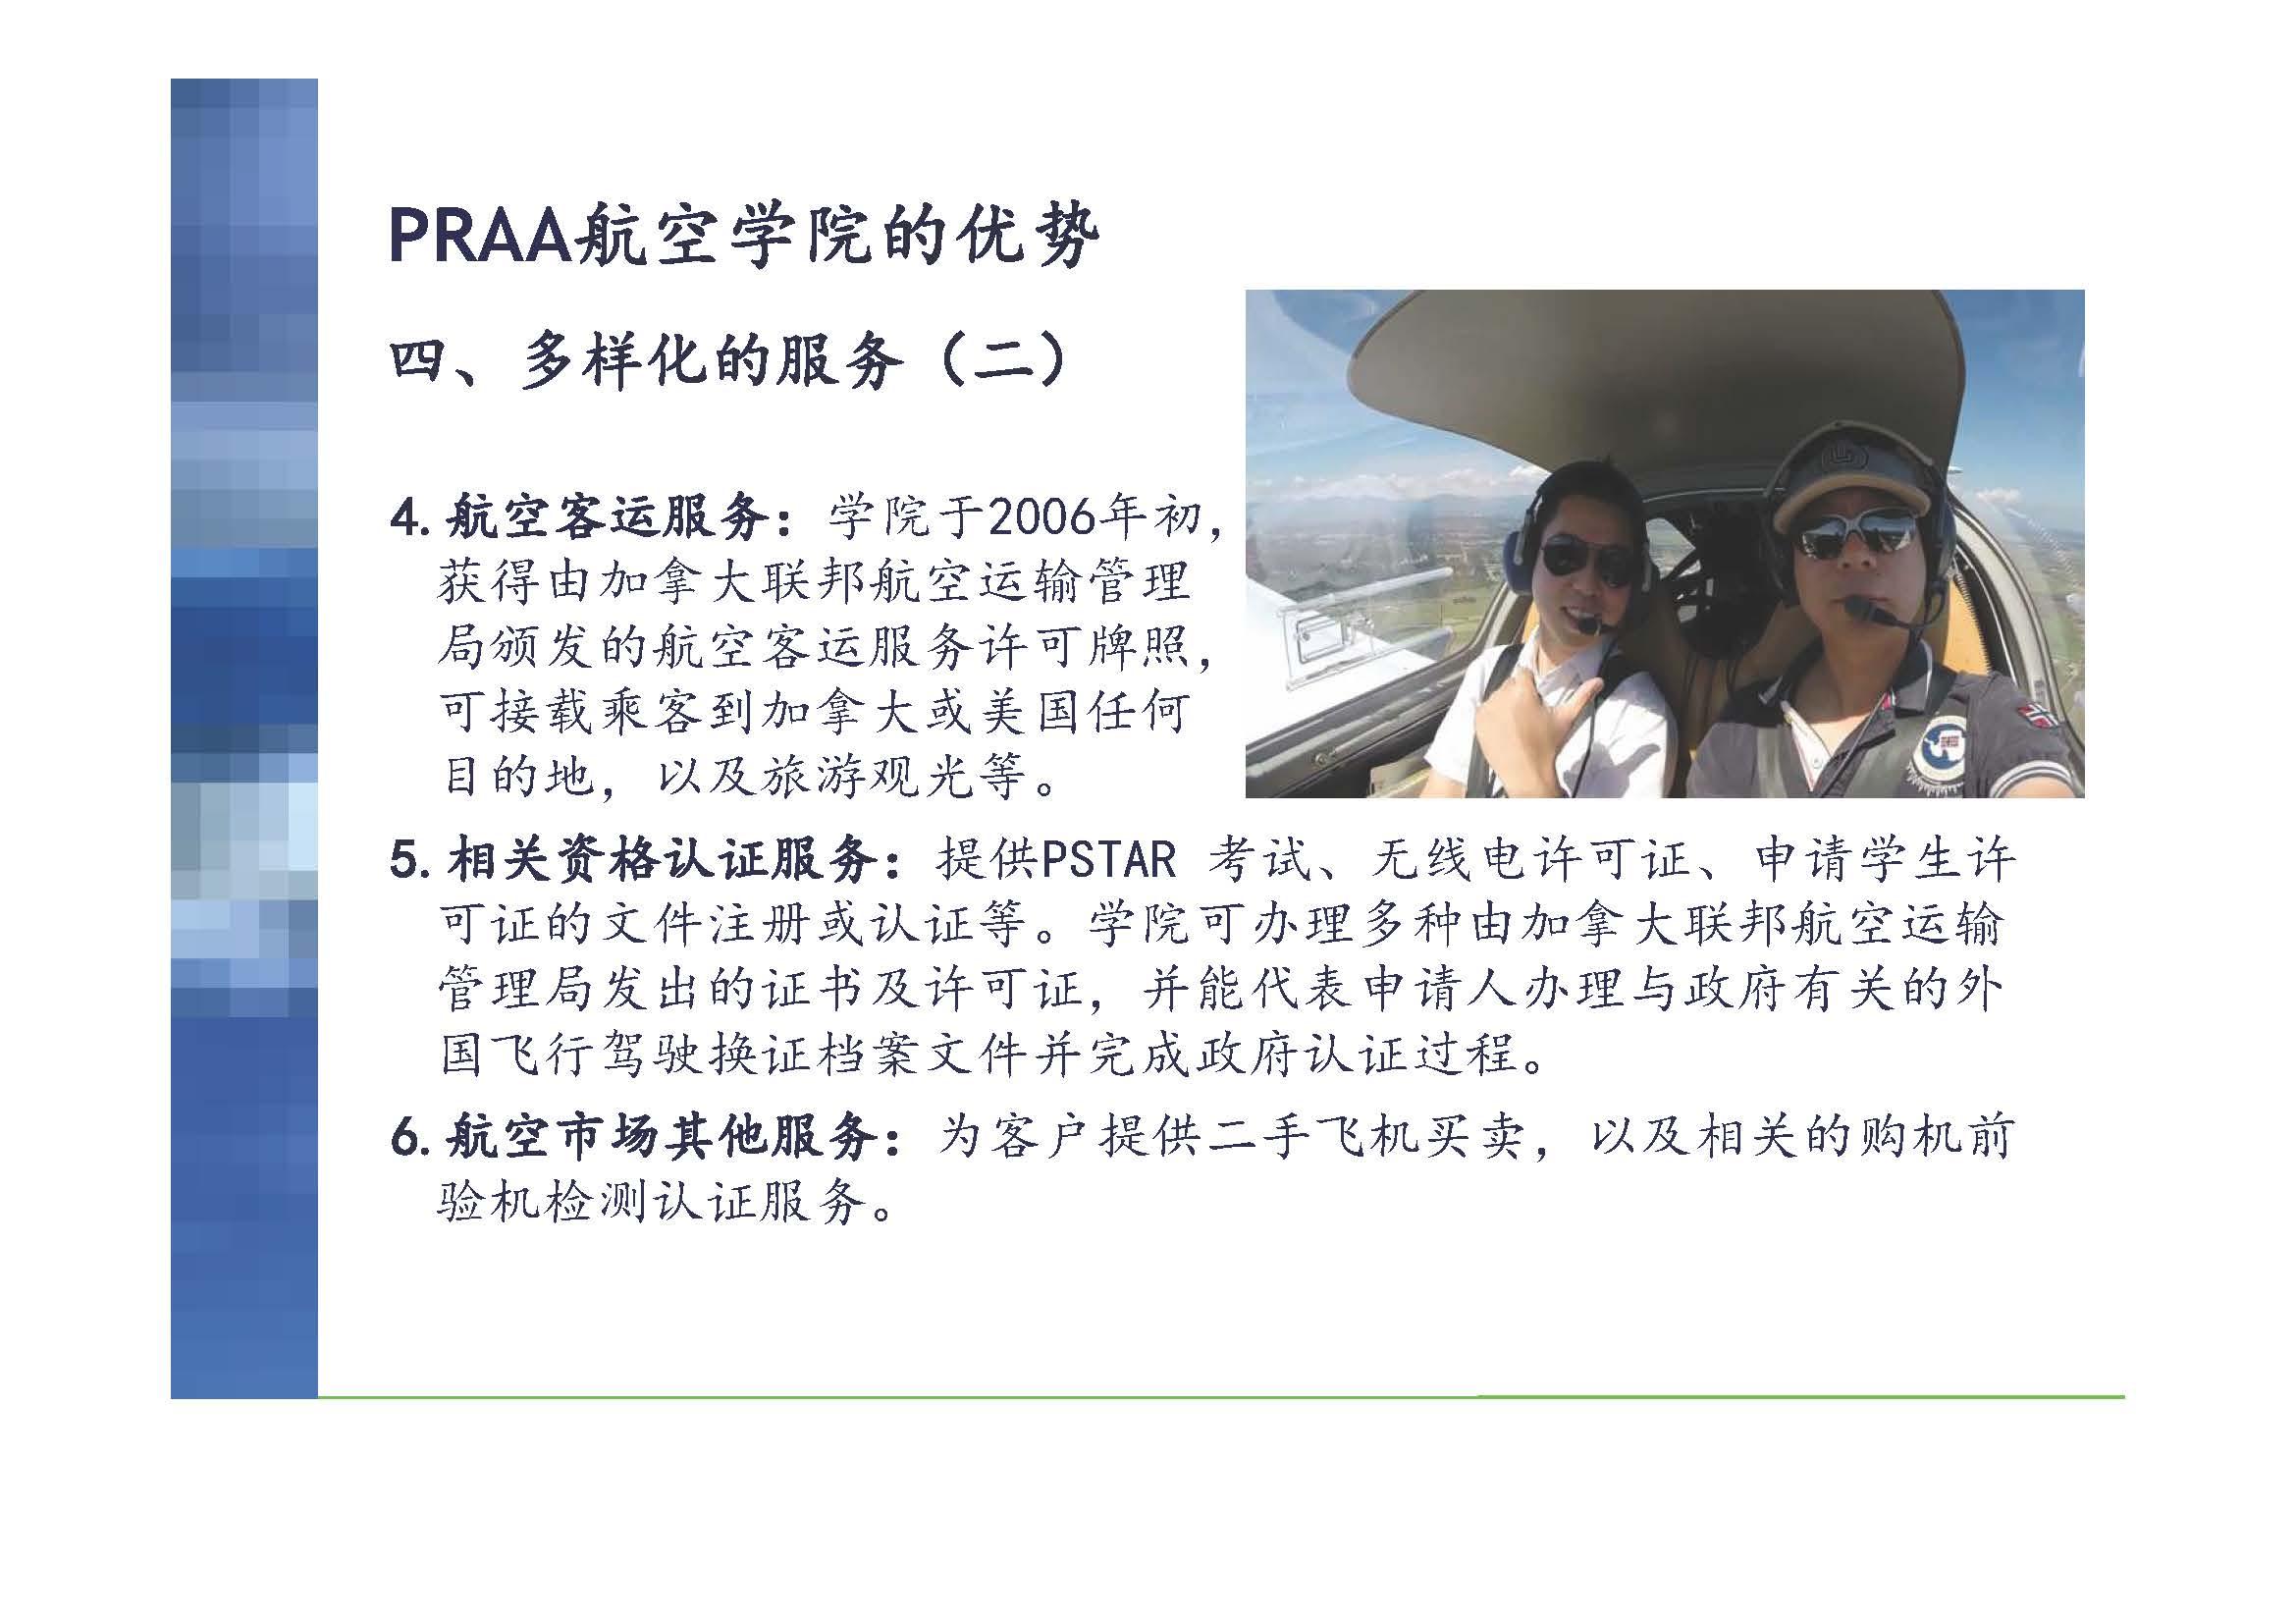 pnpjpg page 13